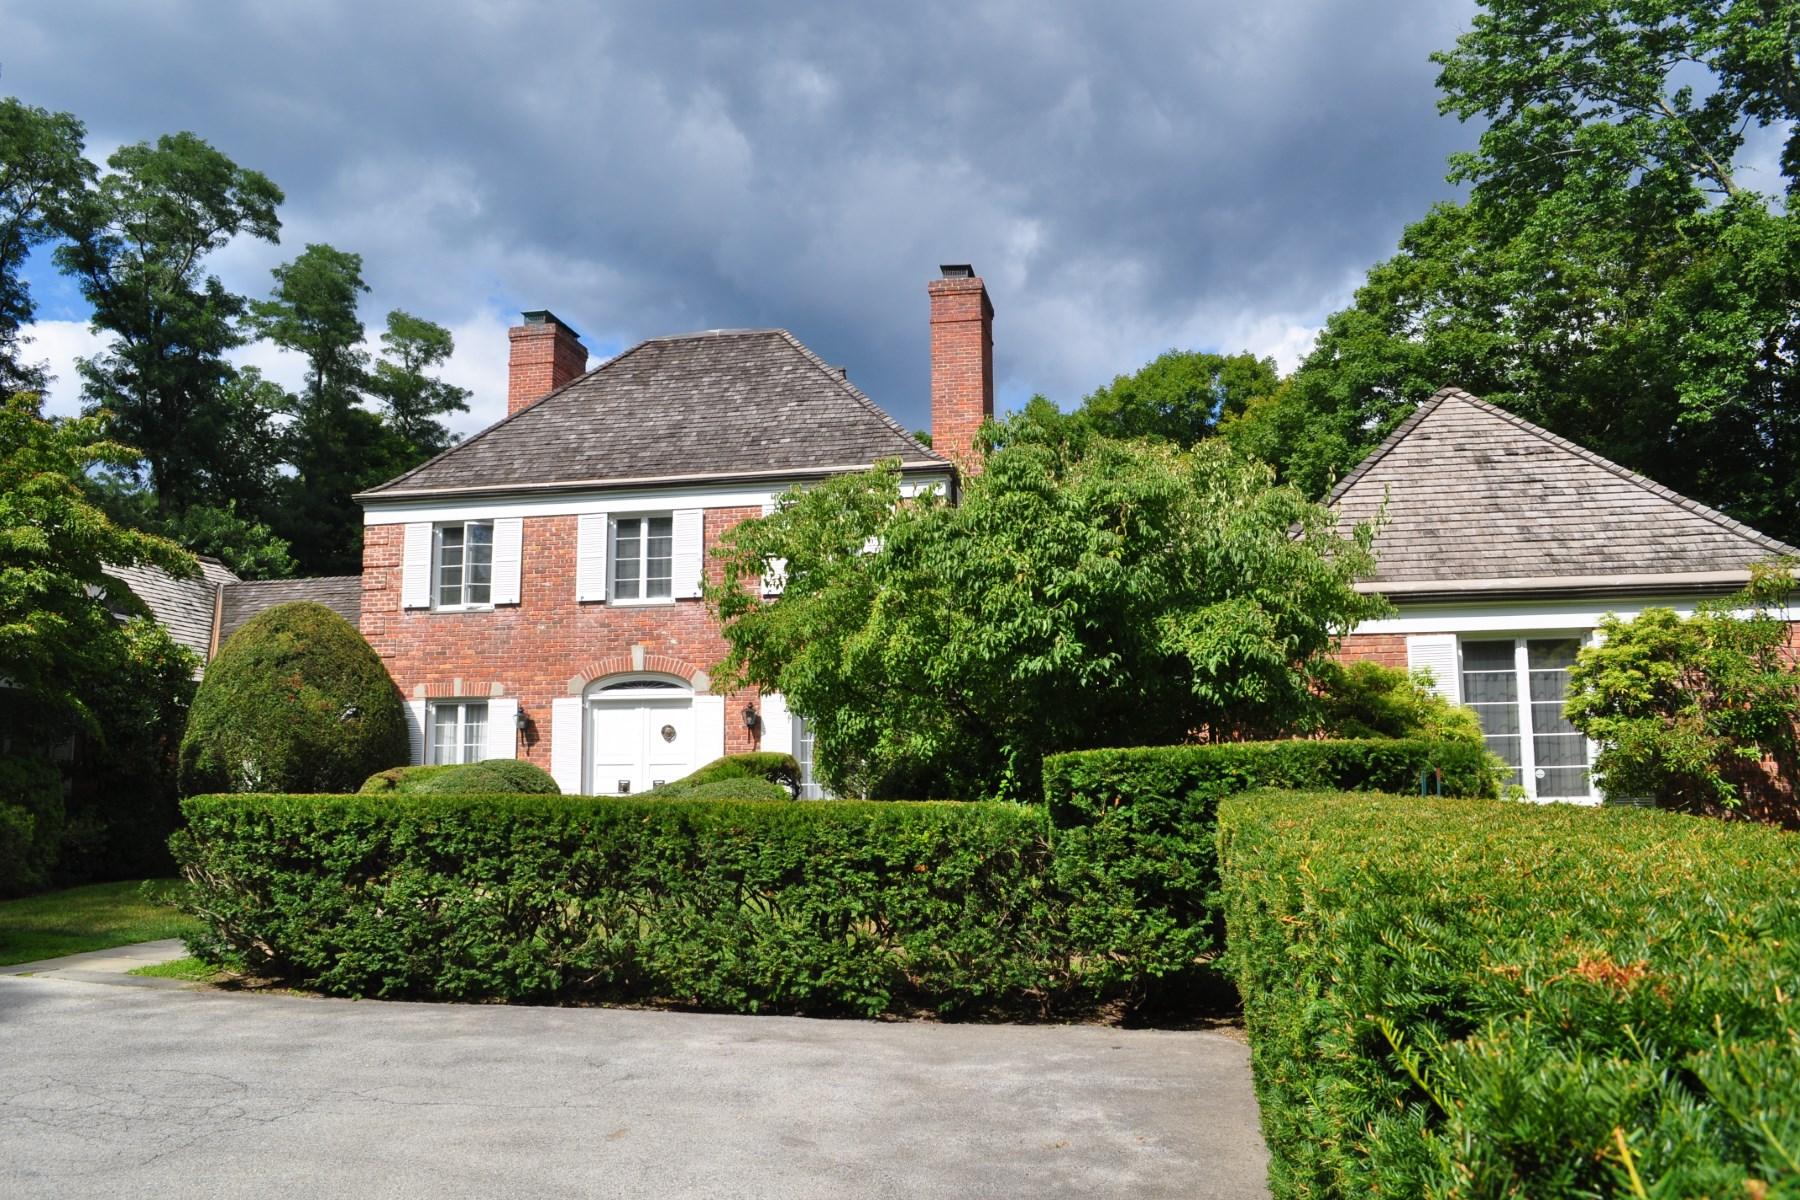 Частный односемейный дом для того Продажа на 22 Red Coat Lane, Greenwich CT South Of Parkway, Greenwich, Коннектикут, 06830 Соединенные Штаты